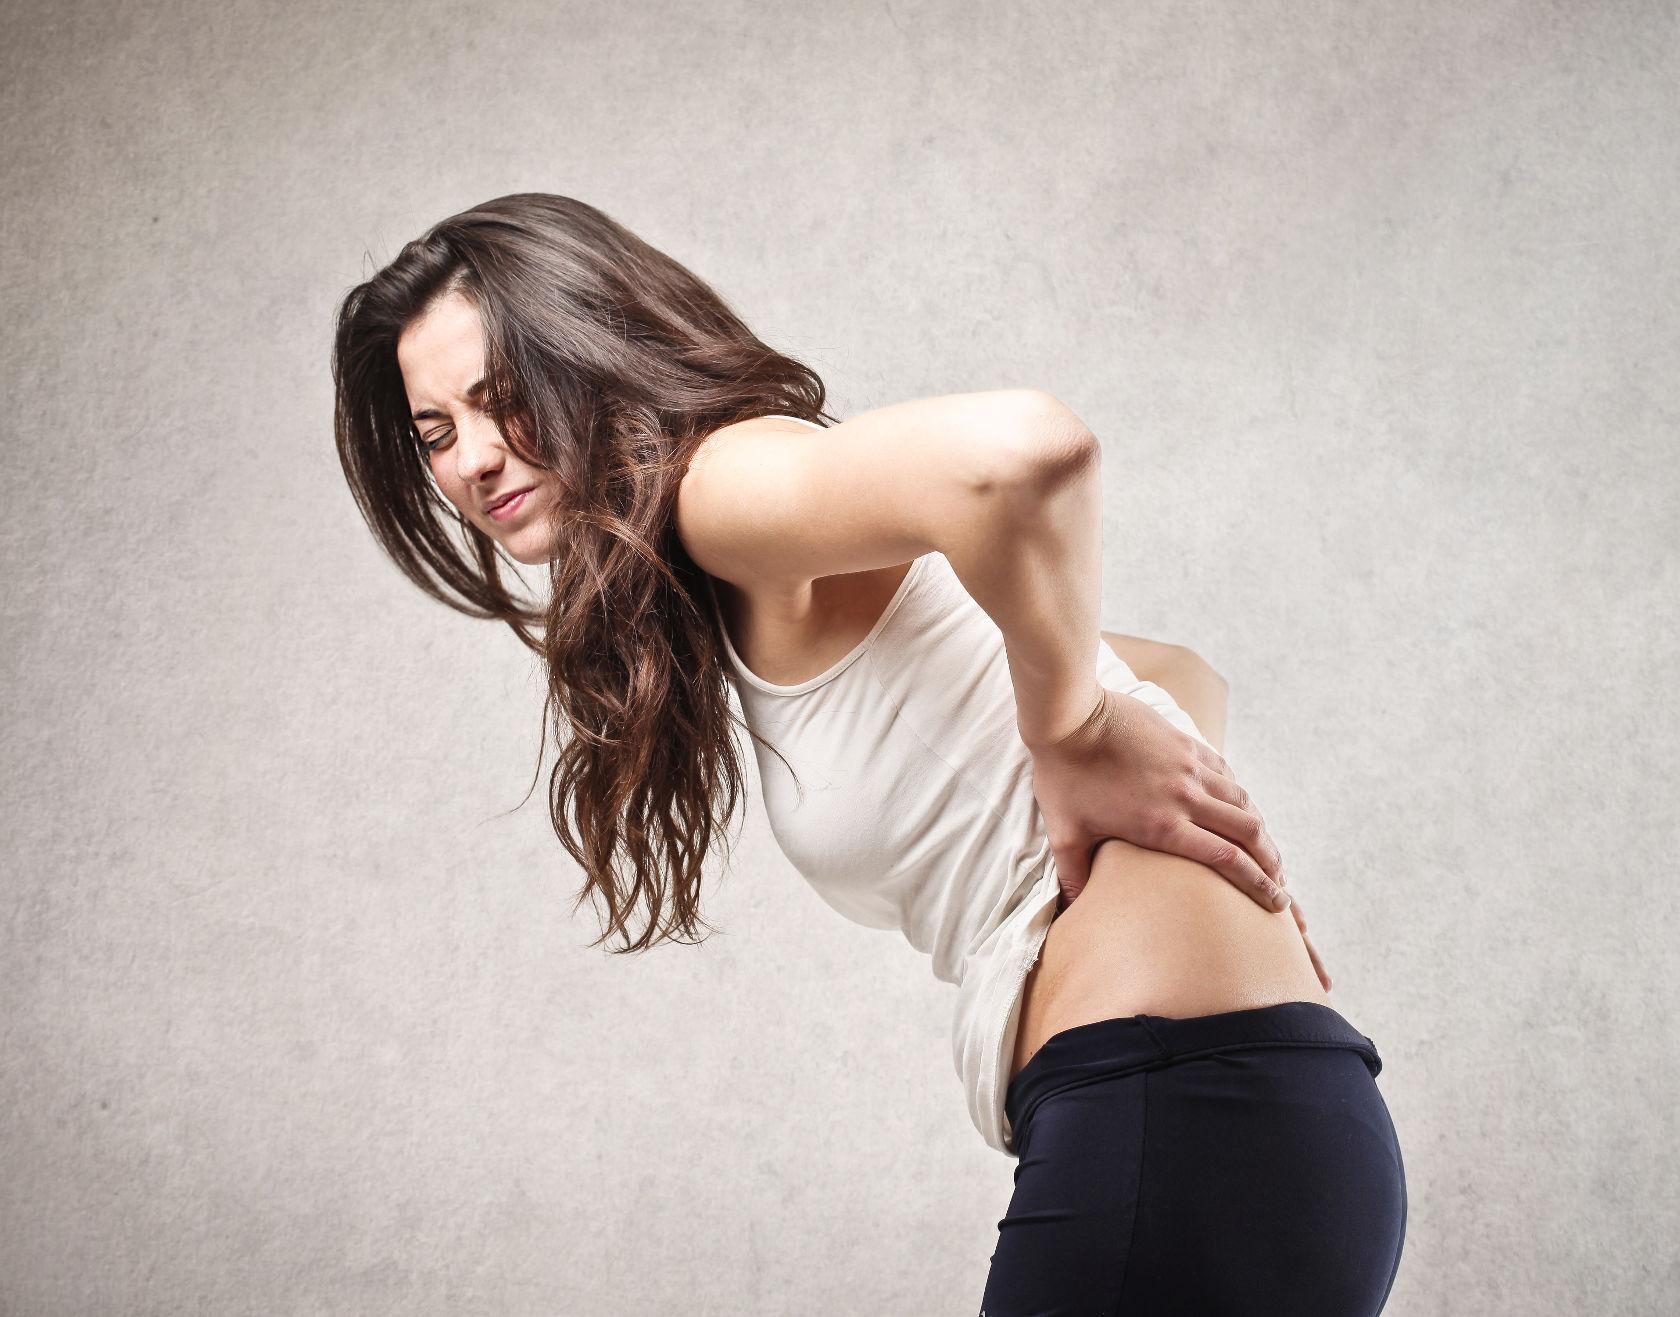 Descubre cómo la terapia láser y los ajustes quiroprácticos corrigen ...